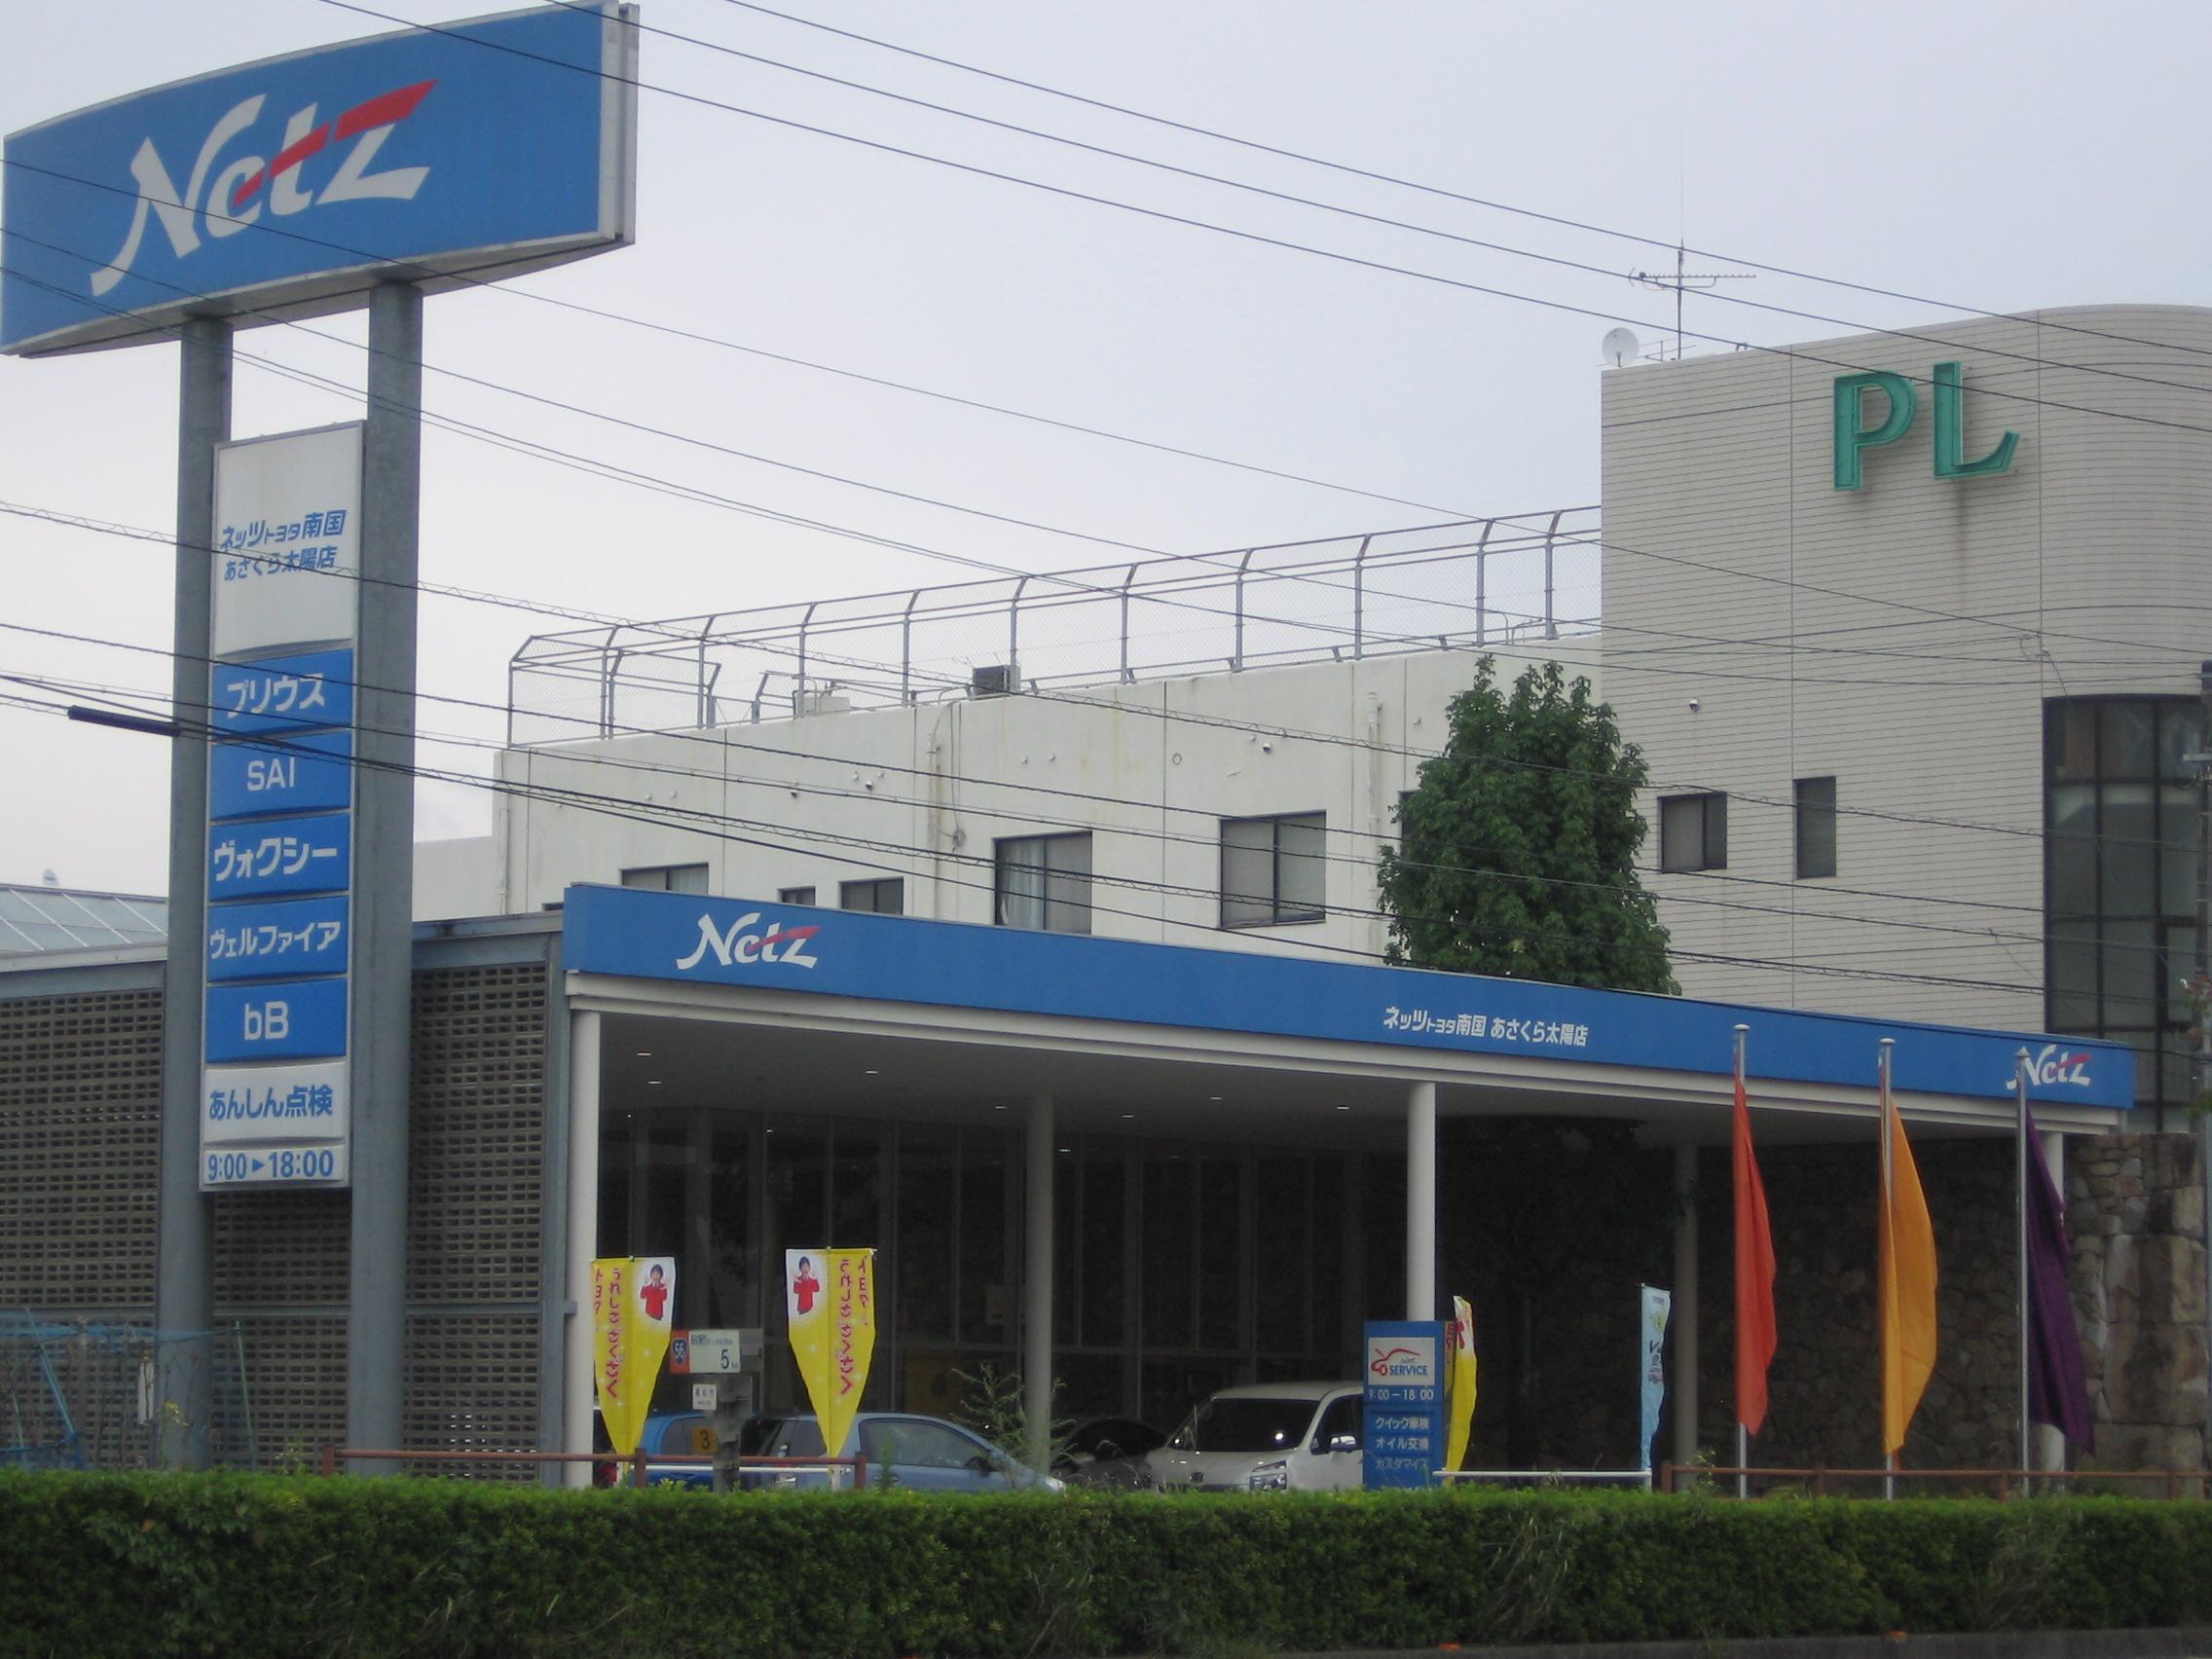 ネッツトヨタ南国(株) あさくら太陽店